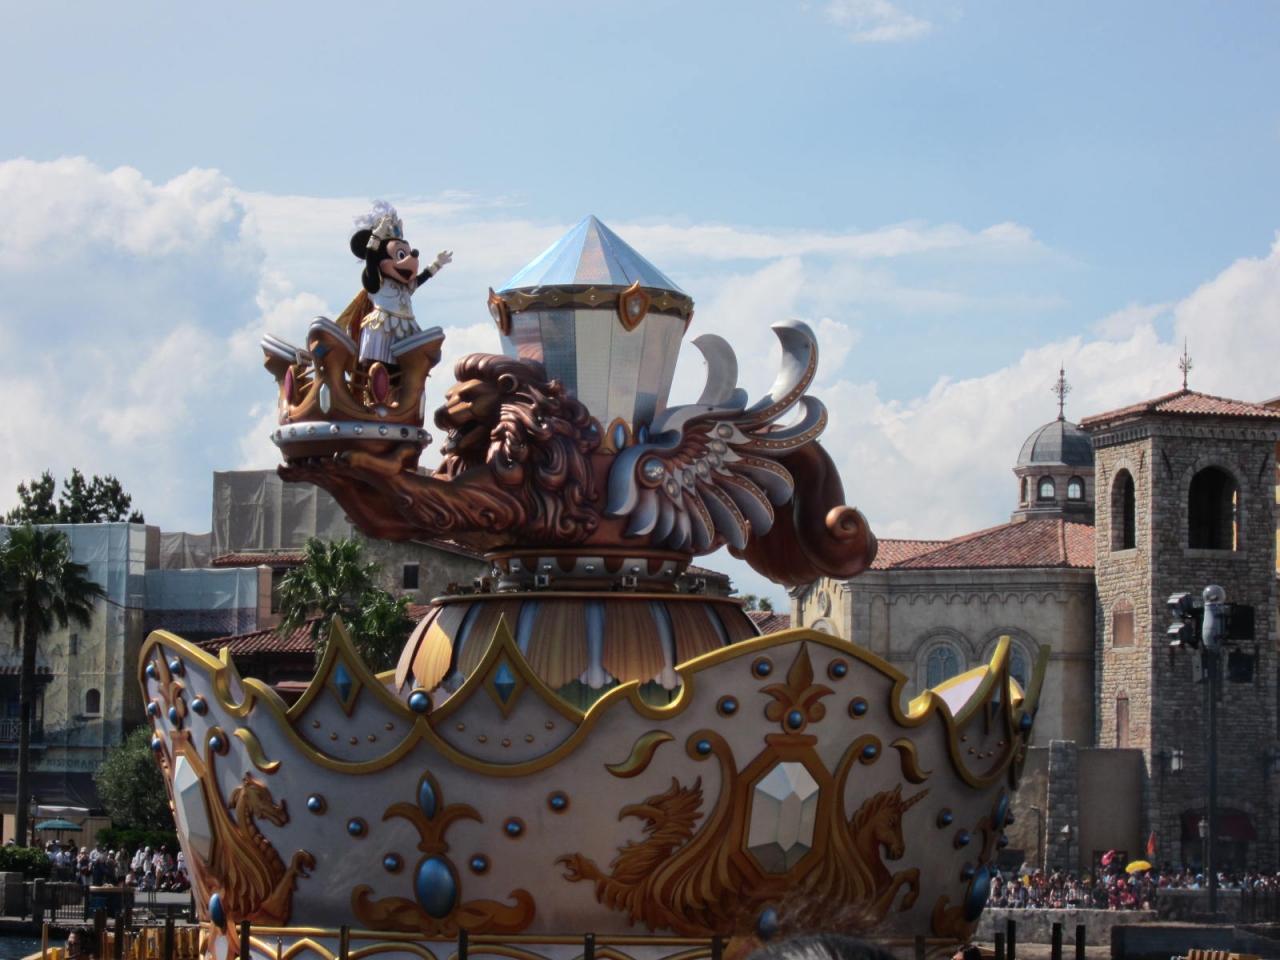 ディズニーシー&シー』東京ディズニーリゾート(千葉県)の旅行記・ブログ